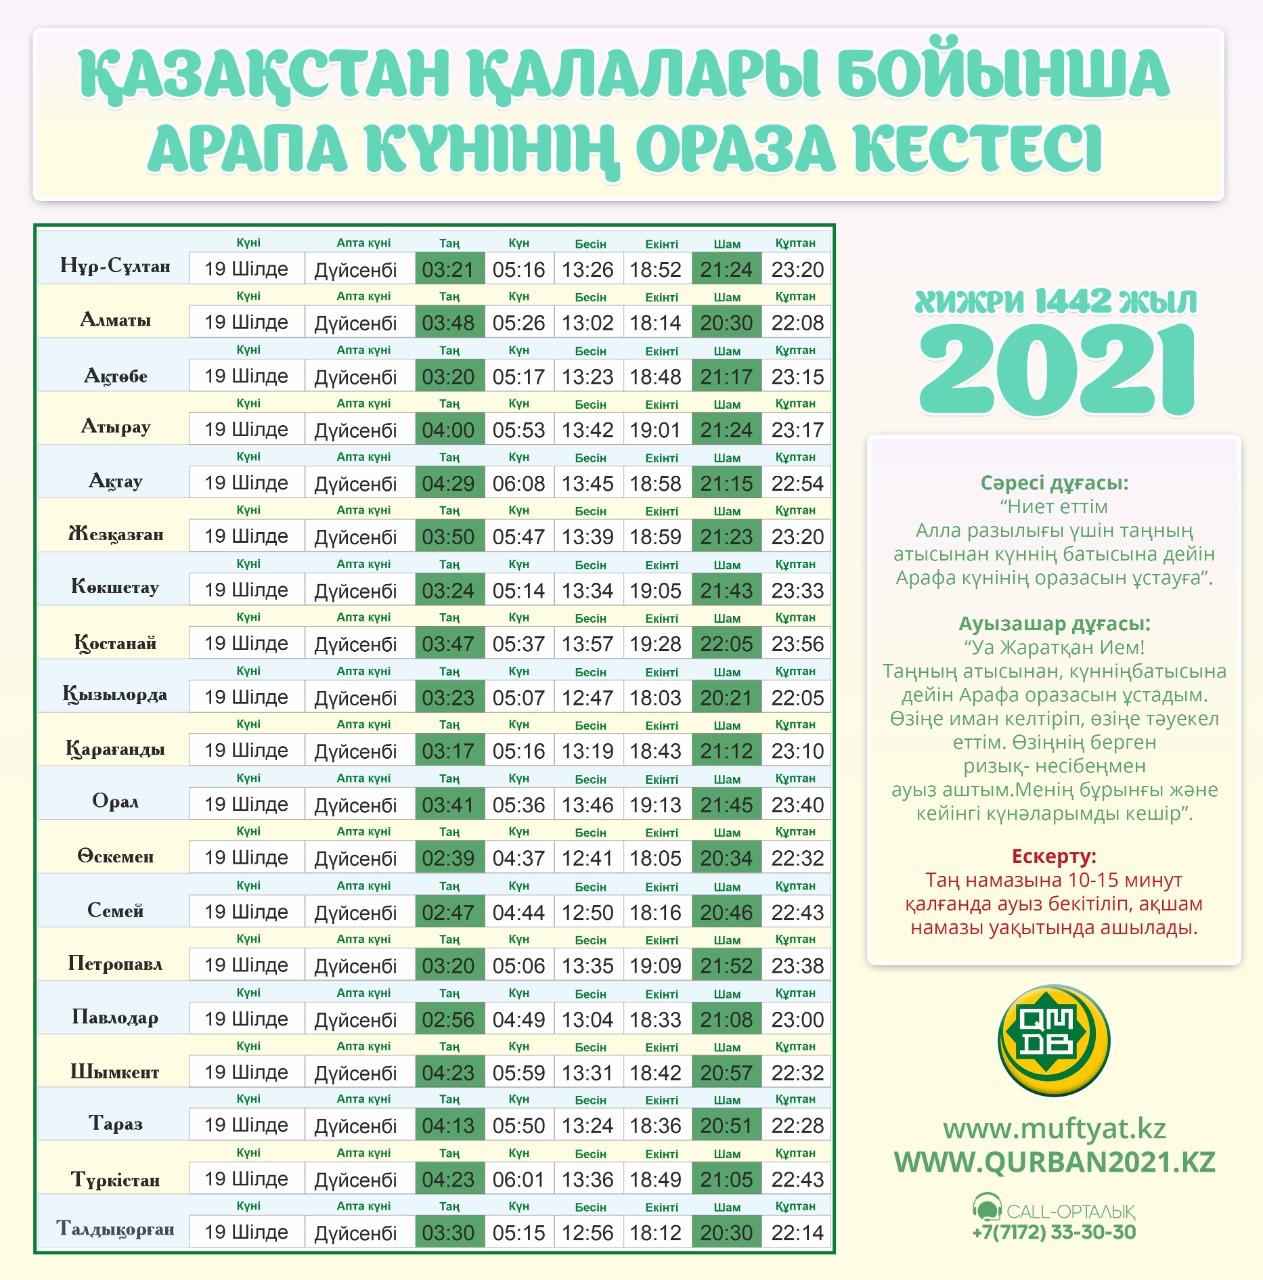 АРАПА КҮНІНІҢ ОРАЗА КЕСТЕСІ – 2021